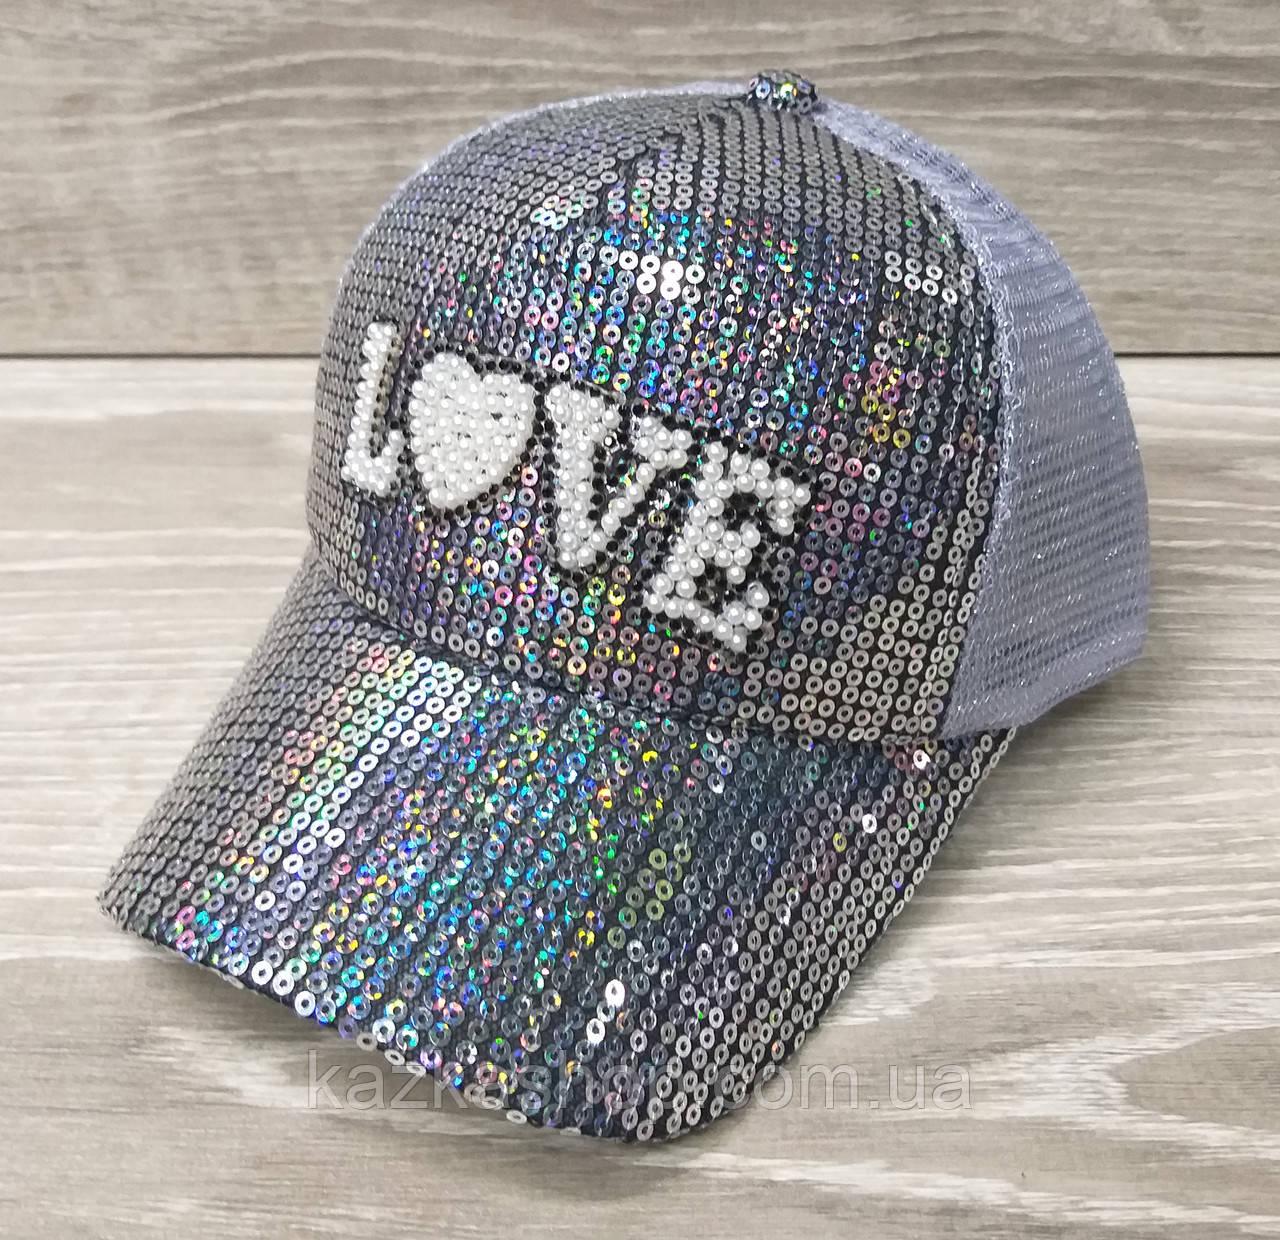 Детская, подростковая кепка с паетками и надписью Love, сезон весна-лето, с регулятором, размер 52-54